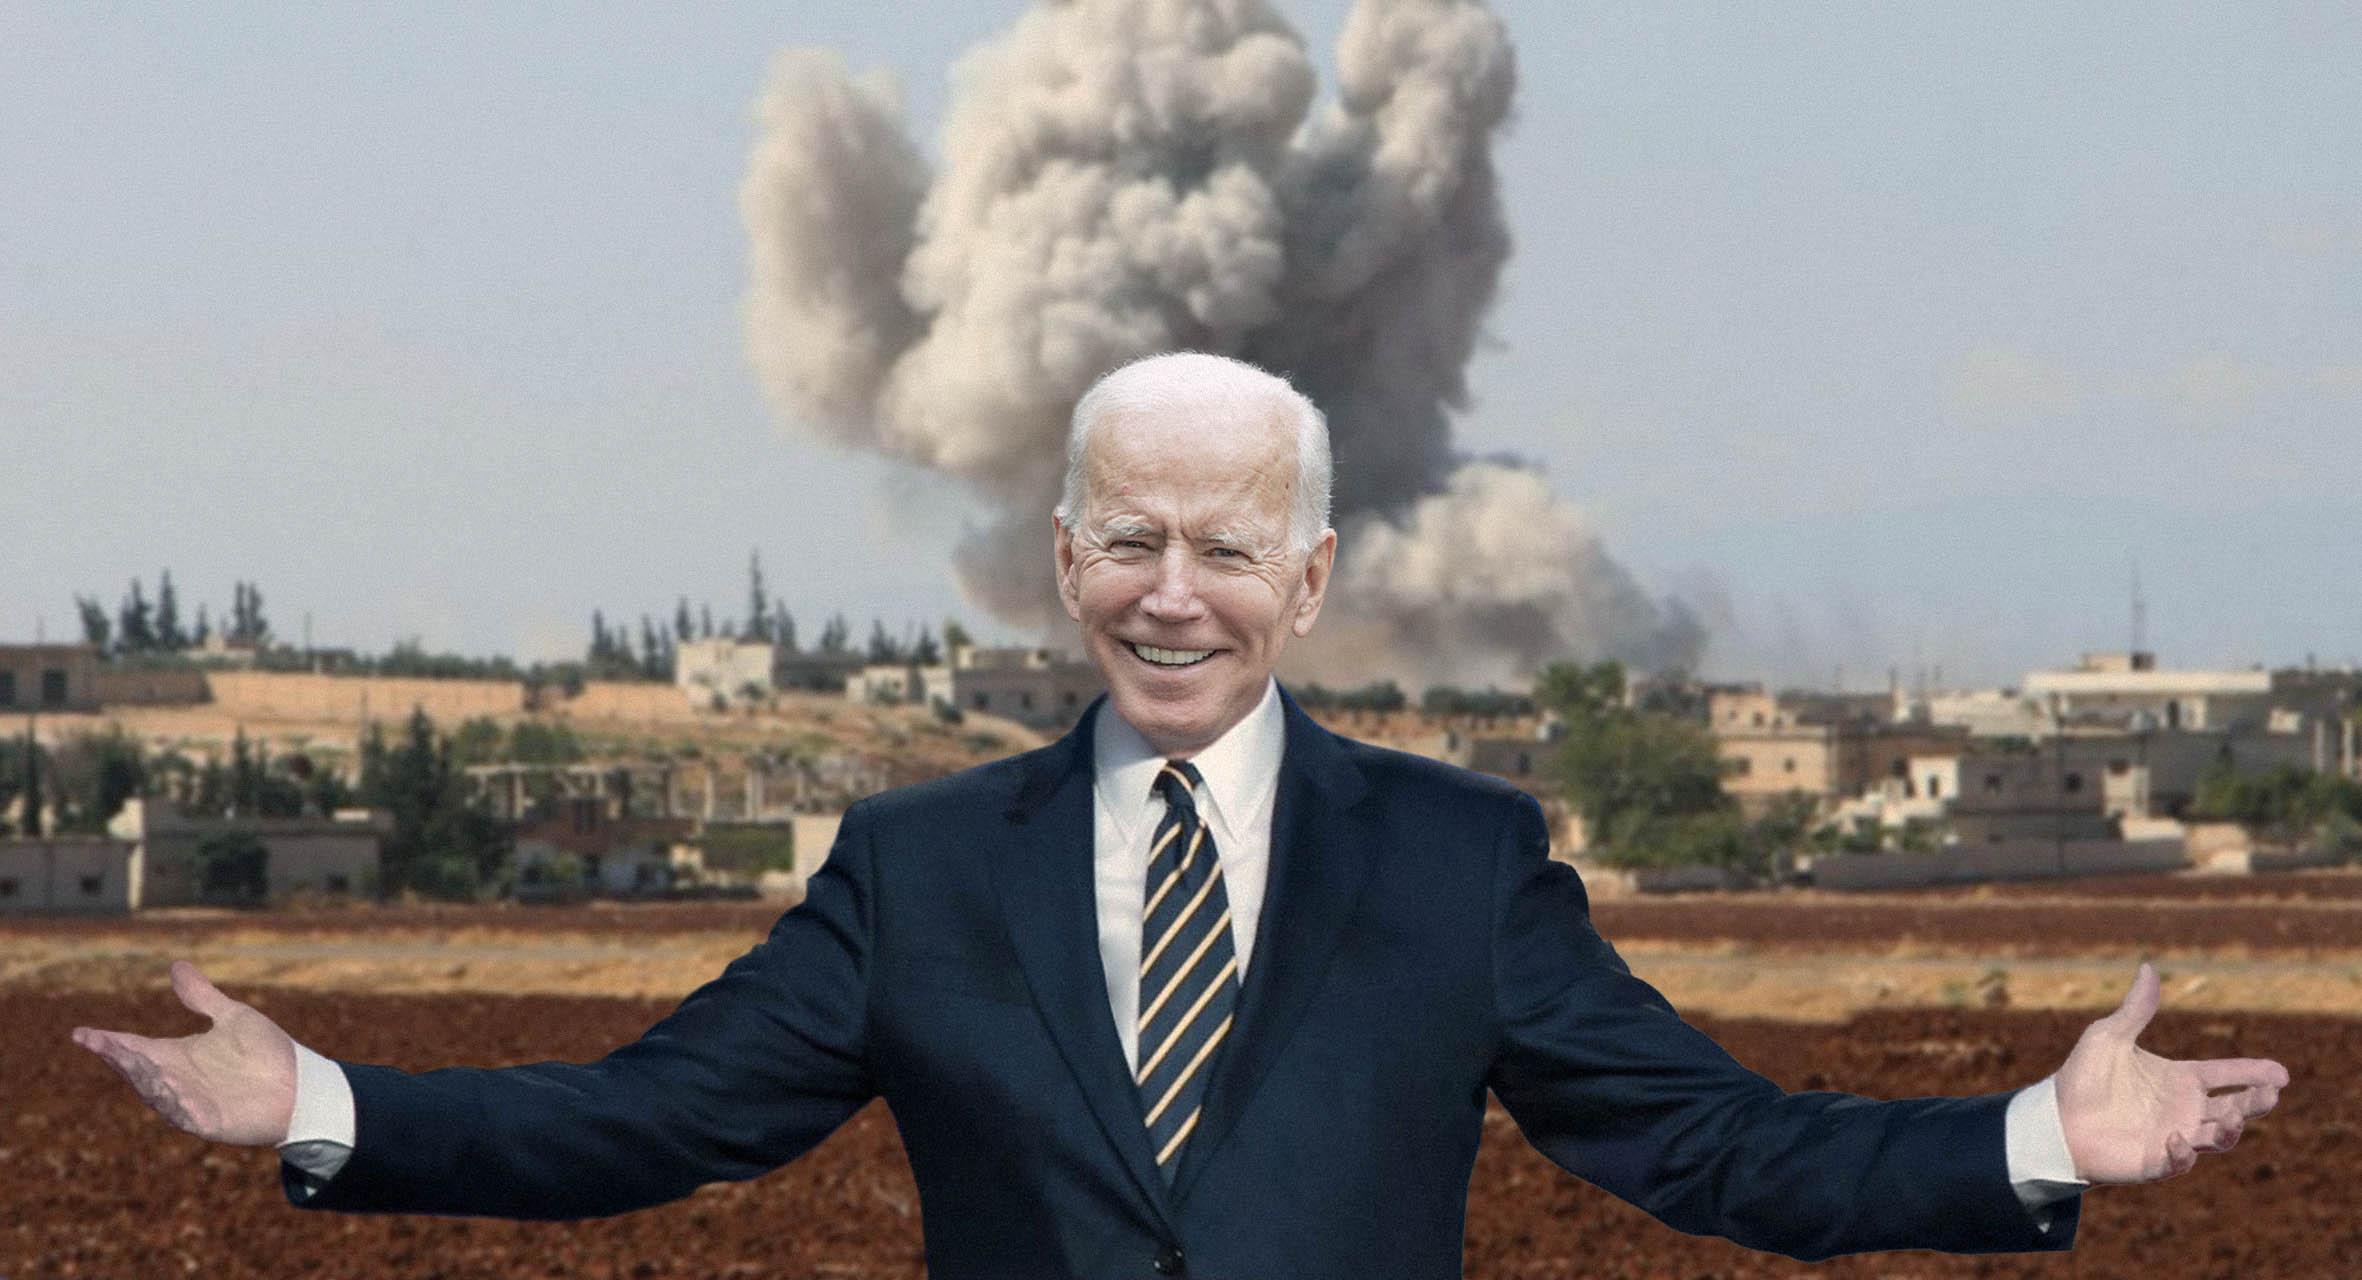 صورة مجلس الشيوخ الأميركي يصوّت على منح الرئيس الحقّ في الفساد